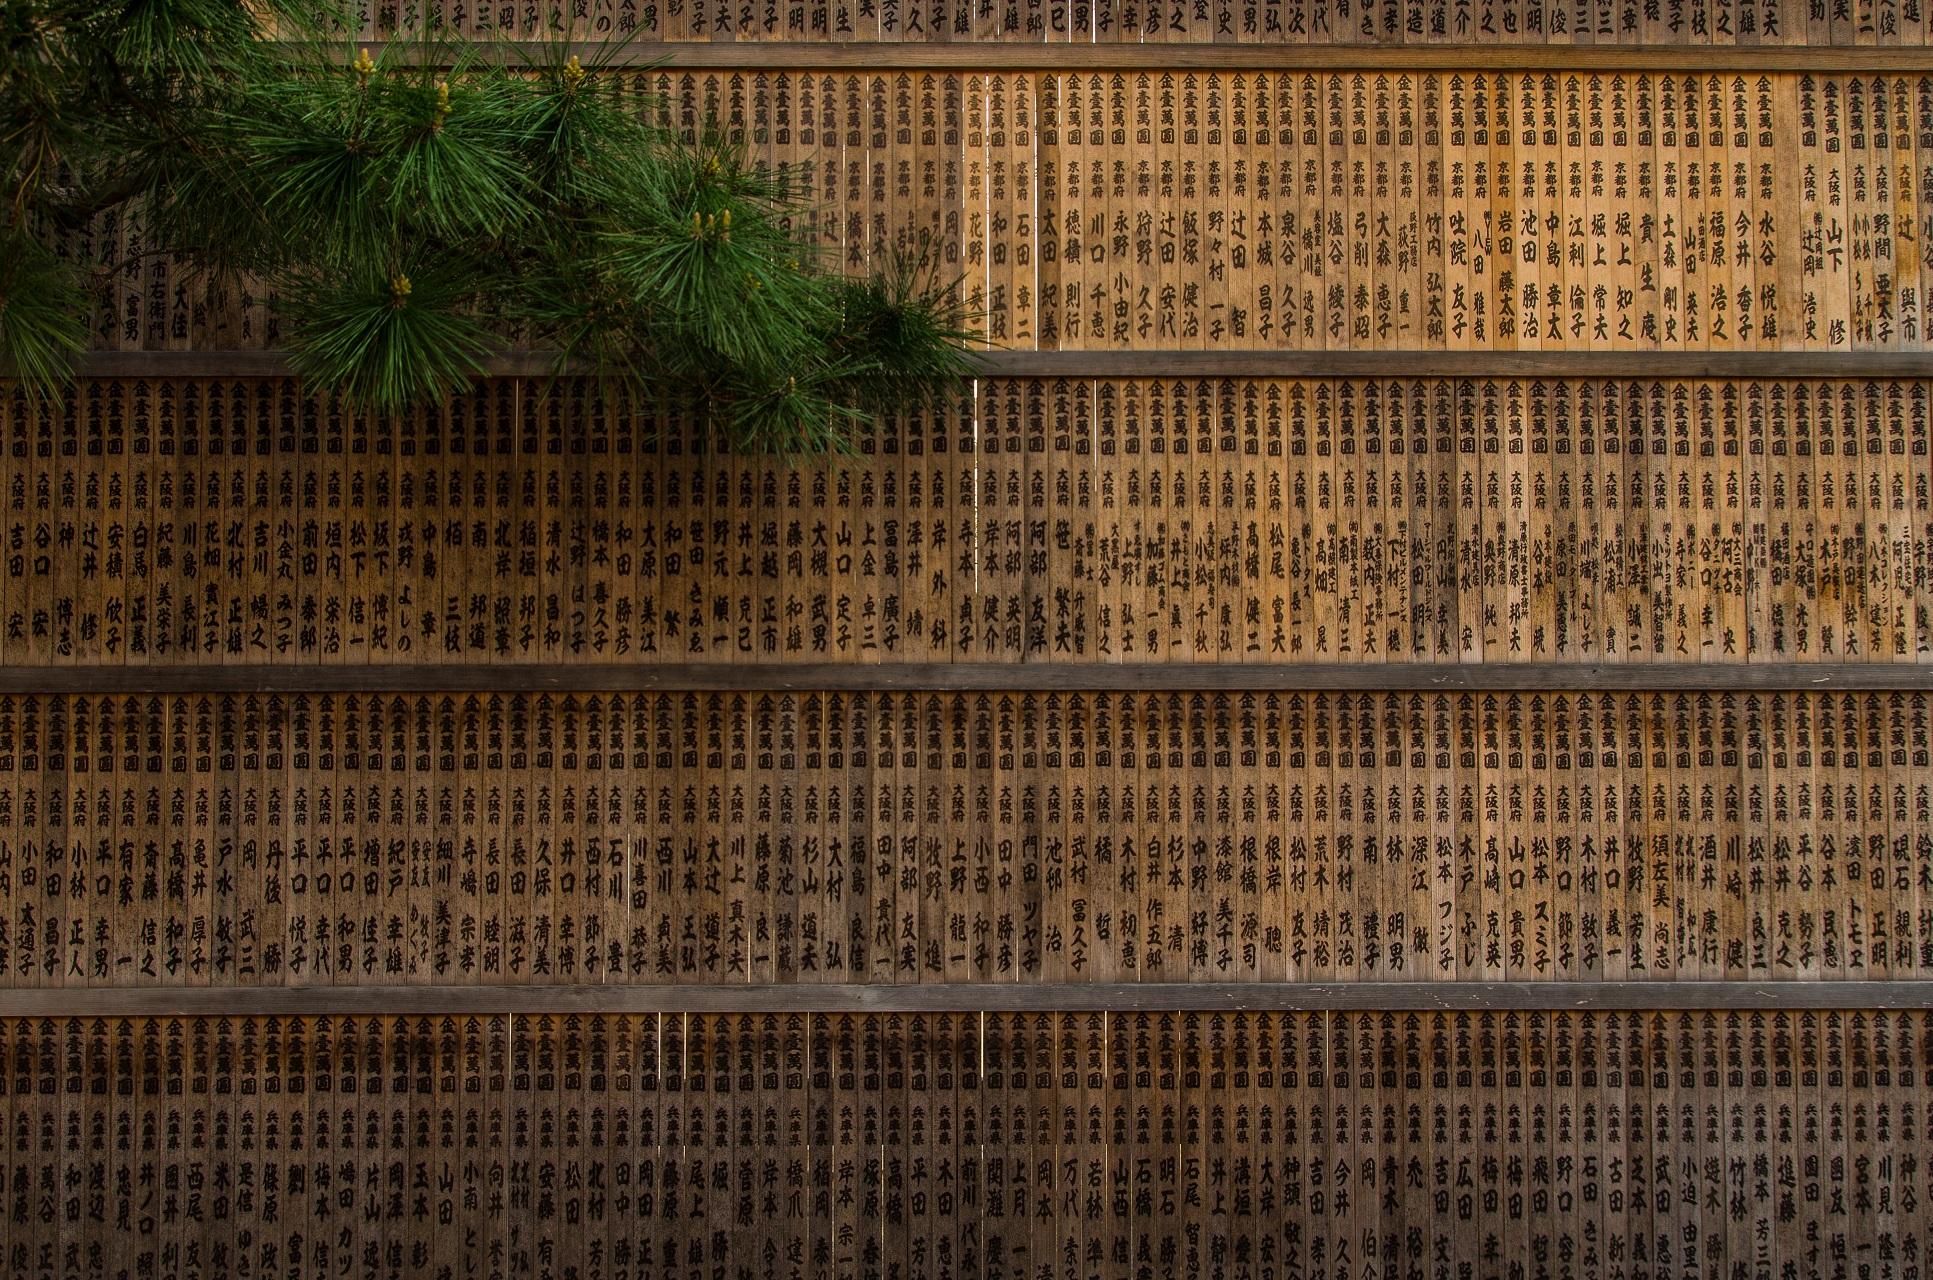 woodentags.jpg